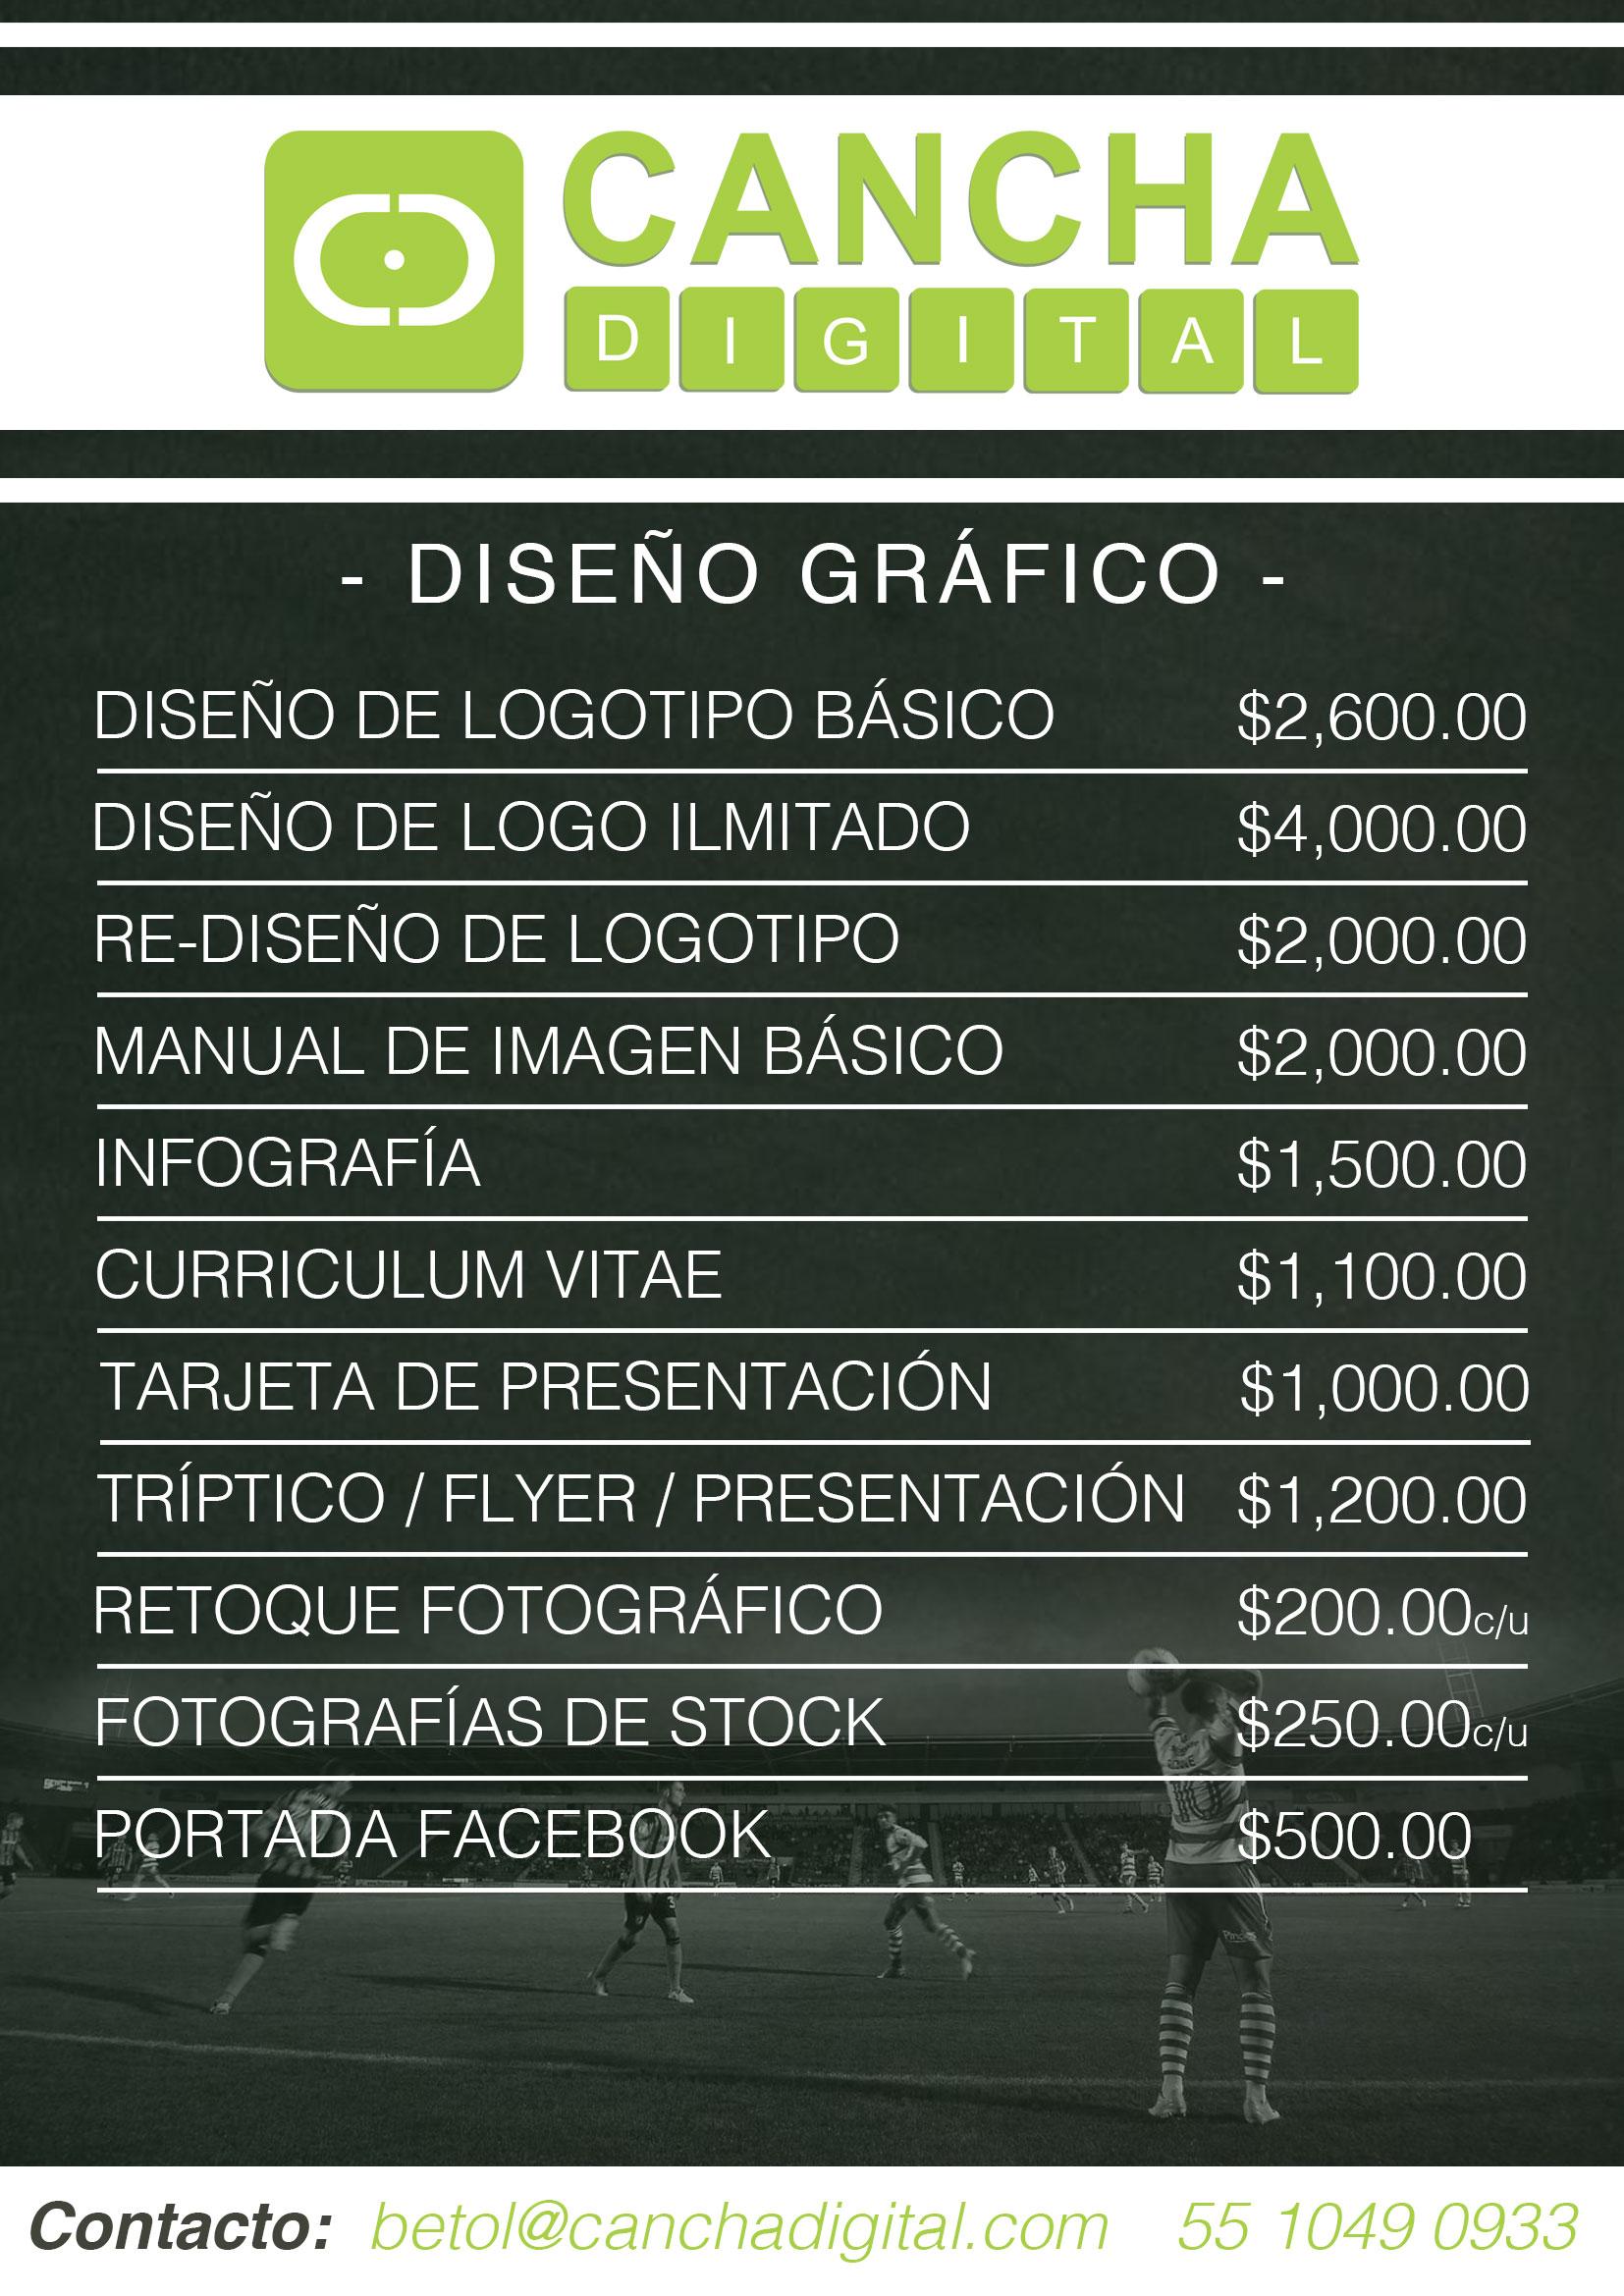 precios canchadigital diseno grafico canchadigital